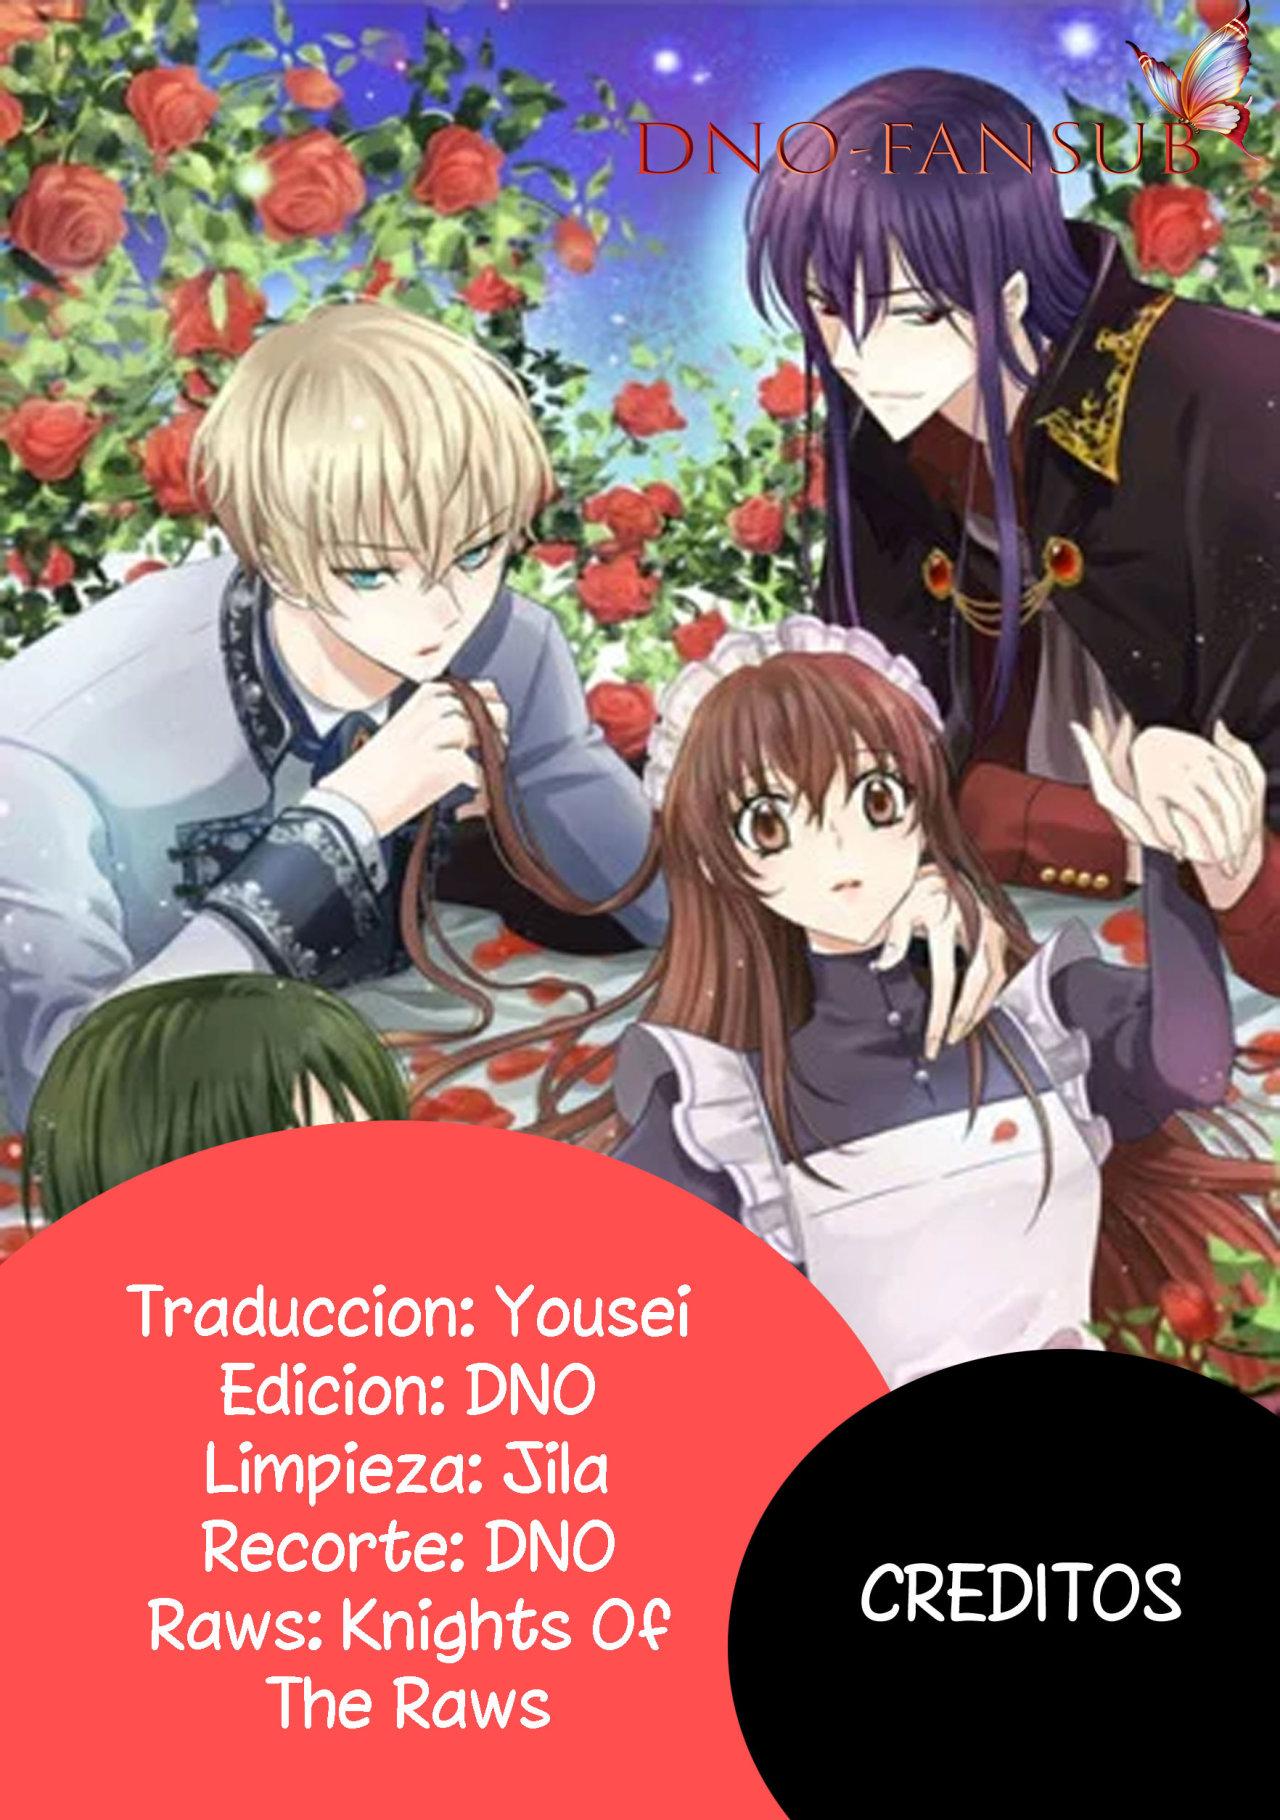 https://nine.mangadogs.com/es_manga/pic9/62/33342/972272/3ab460961d1267b8406846f7dce7456f.jpg Page 1